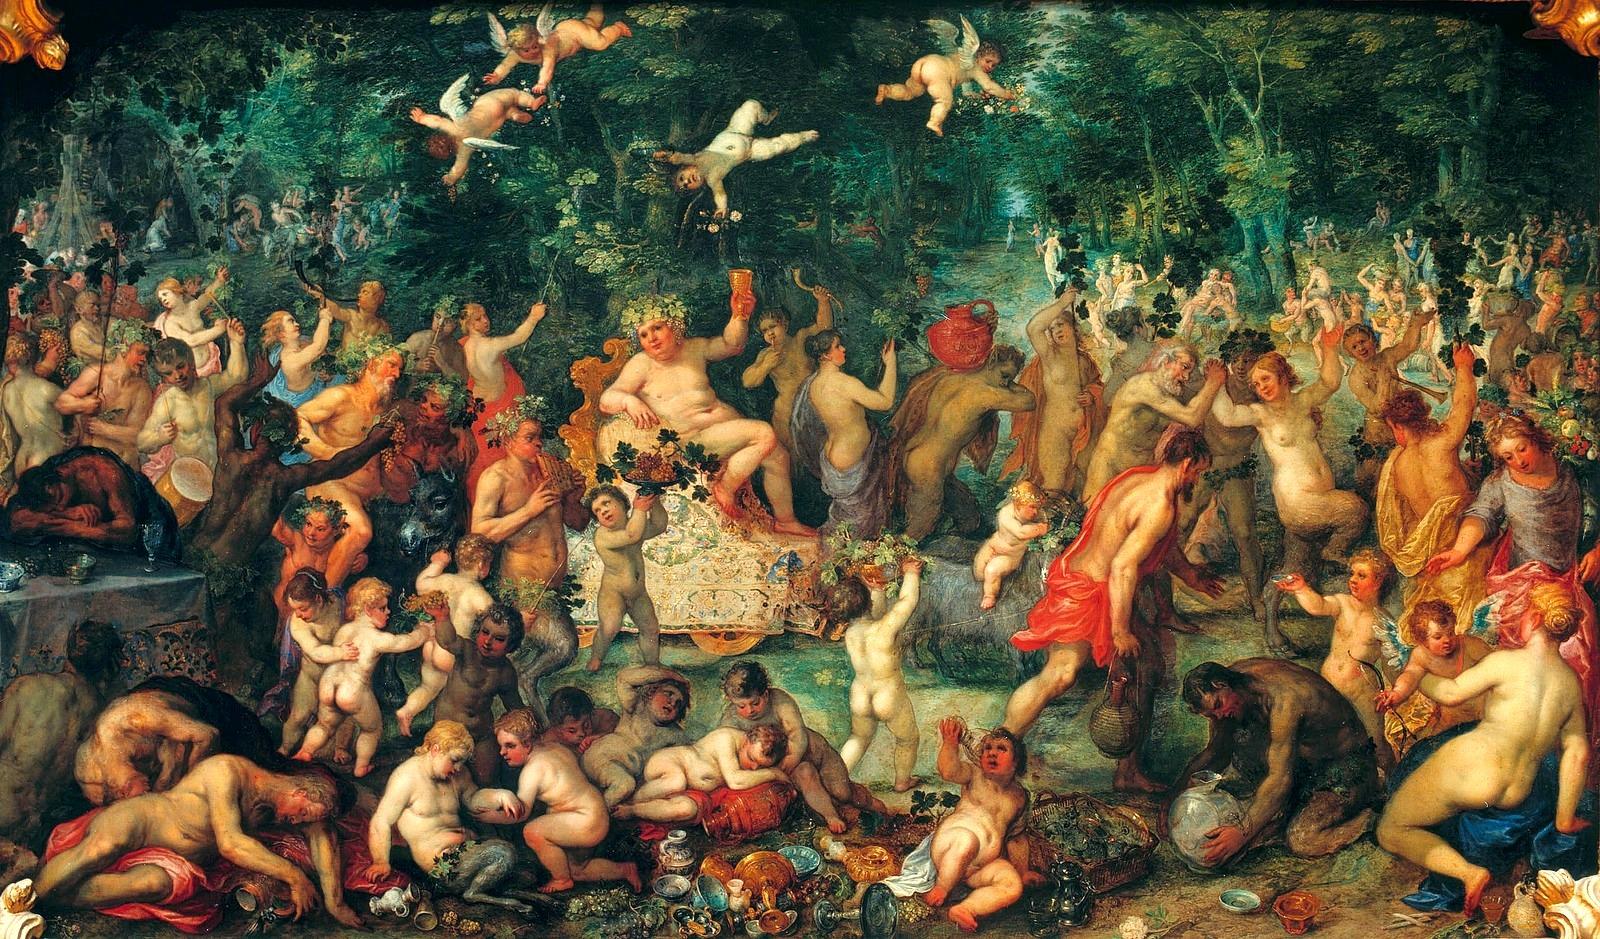 Странные обычаи религиозной проституциии Древнего Рима